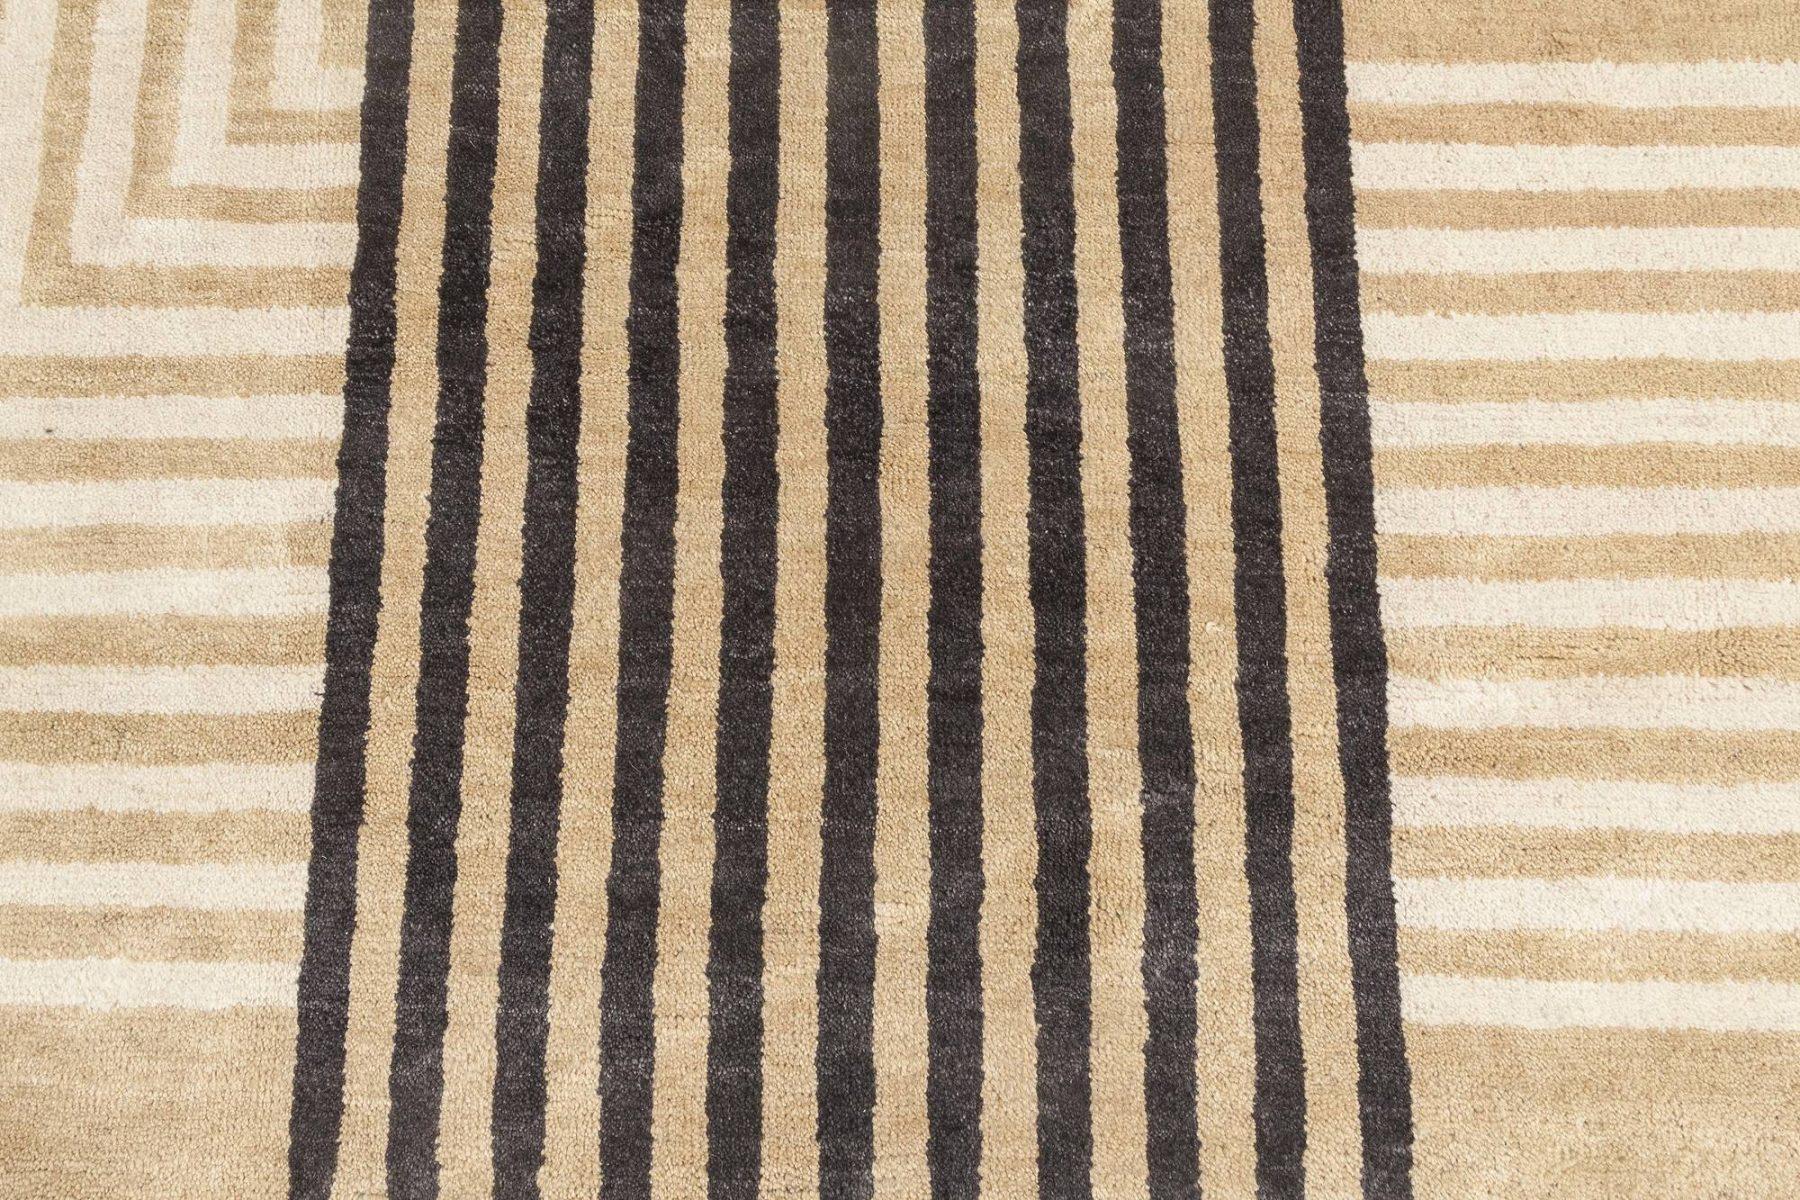 New Oversized Marion Dorn Inspired Art Deco Geometric Wool Rug N11819